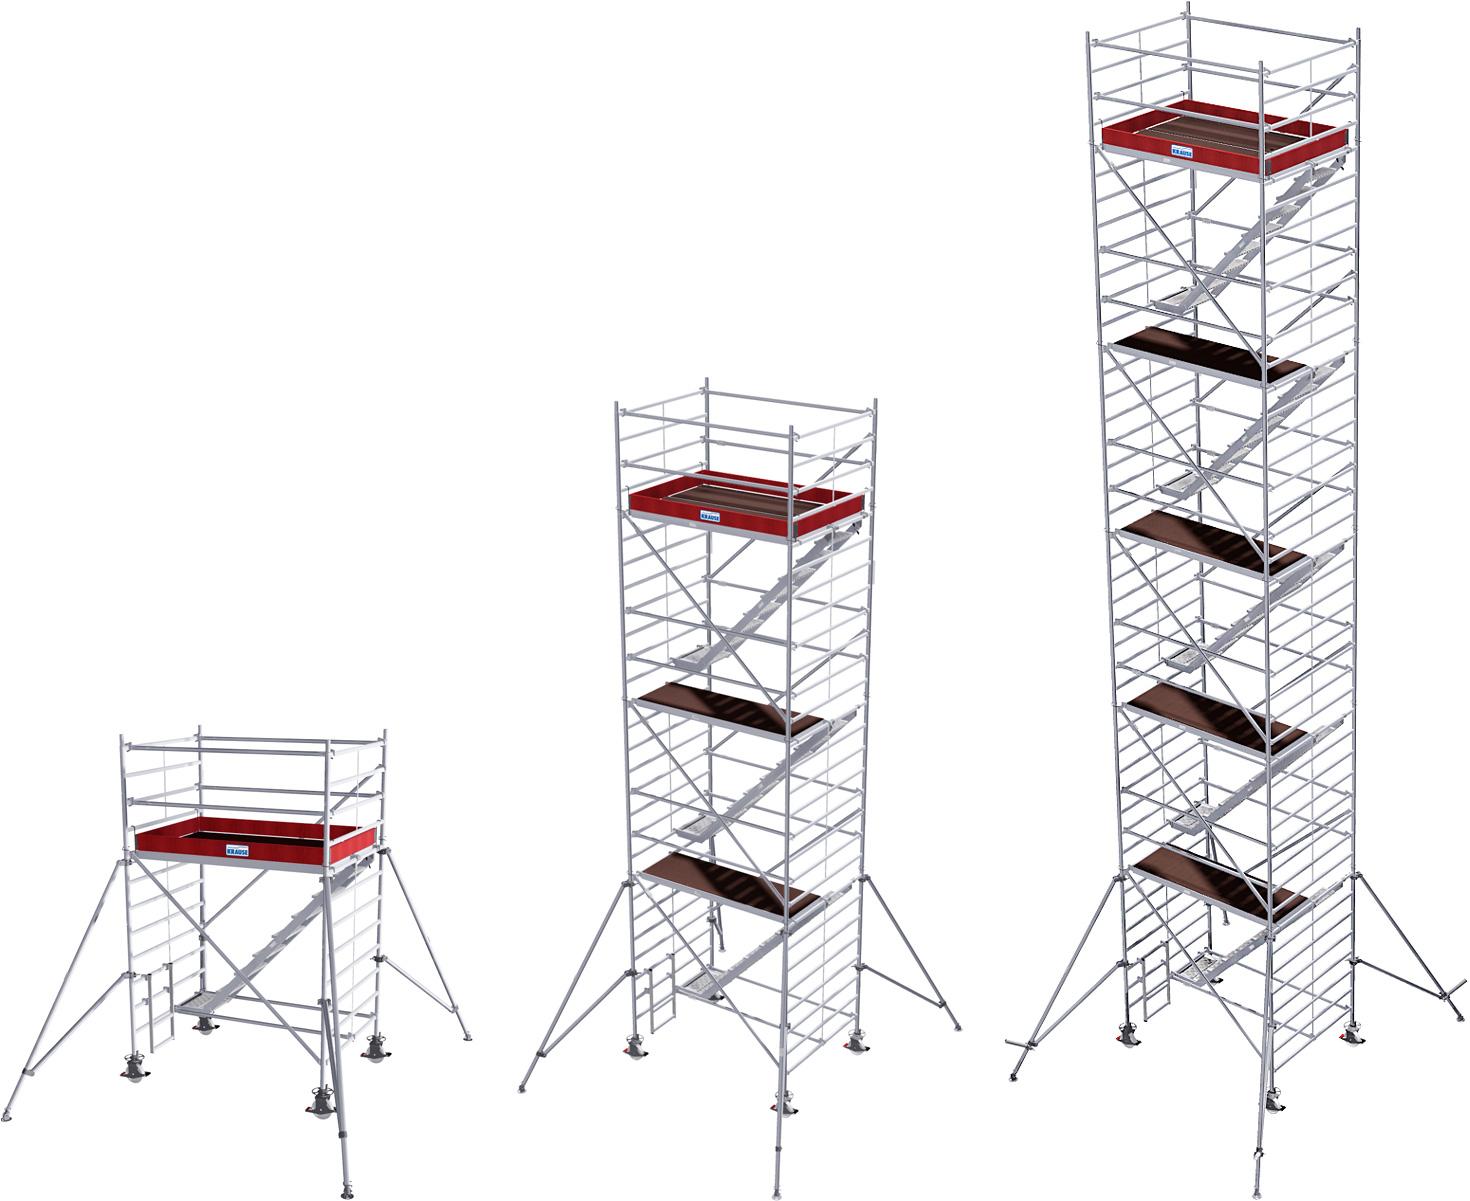 Fahrgerüst Krause Treppengerüst Stabilo Serie 5500 Alu 1,50x2,00m